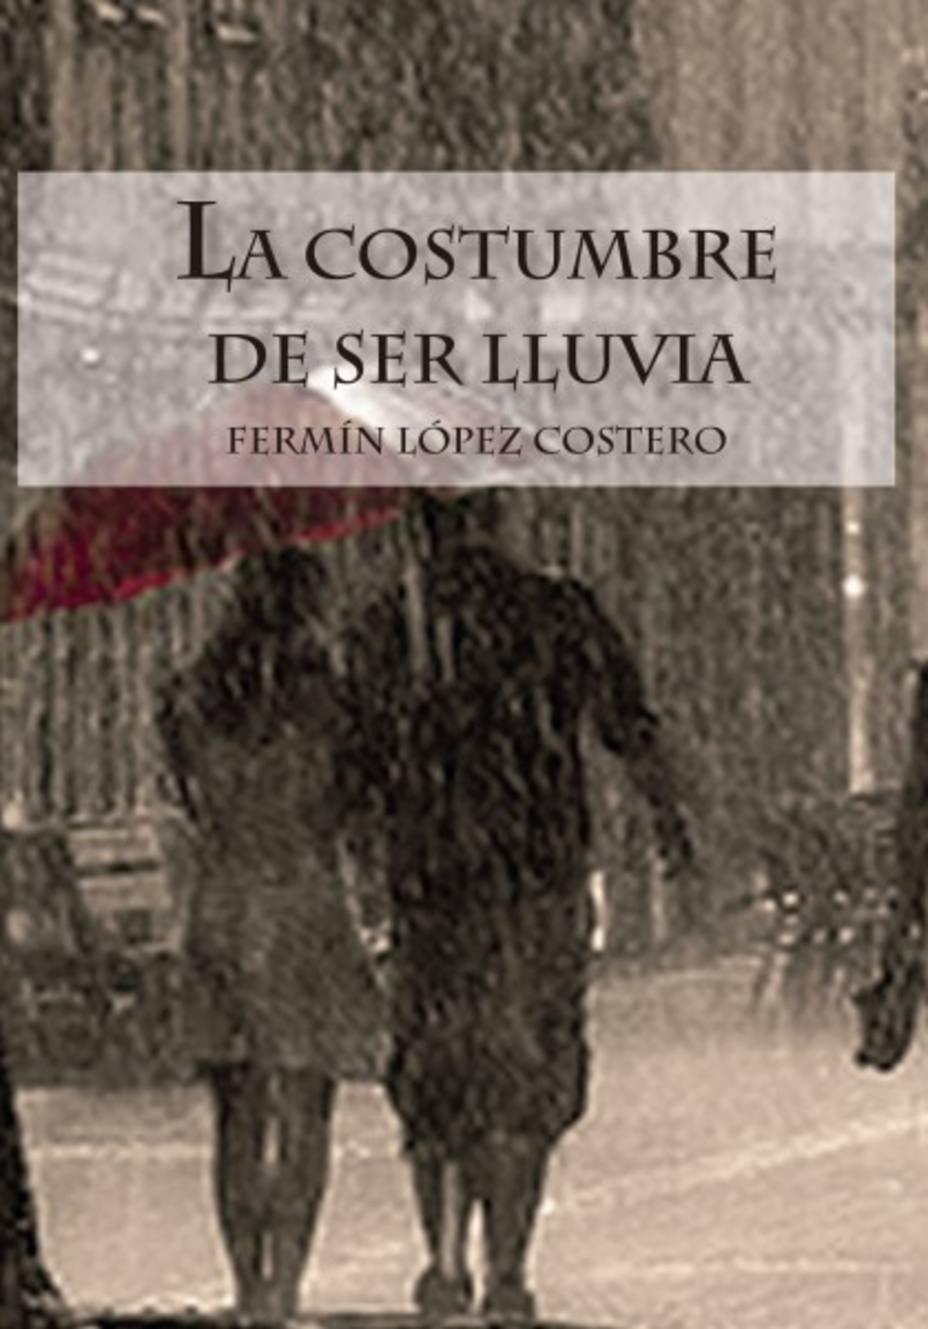 En el aniversario de su fallecimiento los amigos recuerdan a Fermín López Costero con una lectura dramatizada